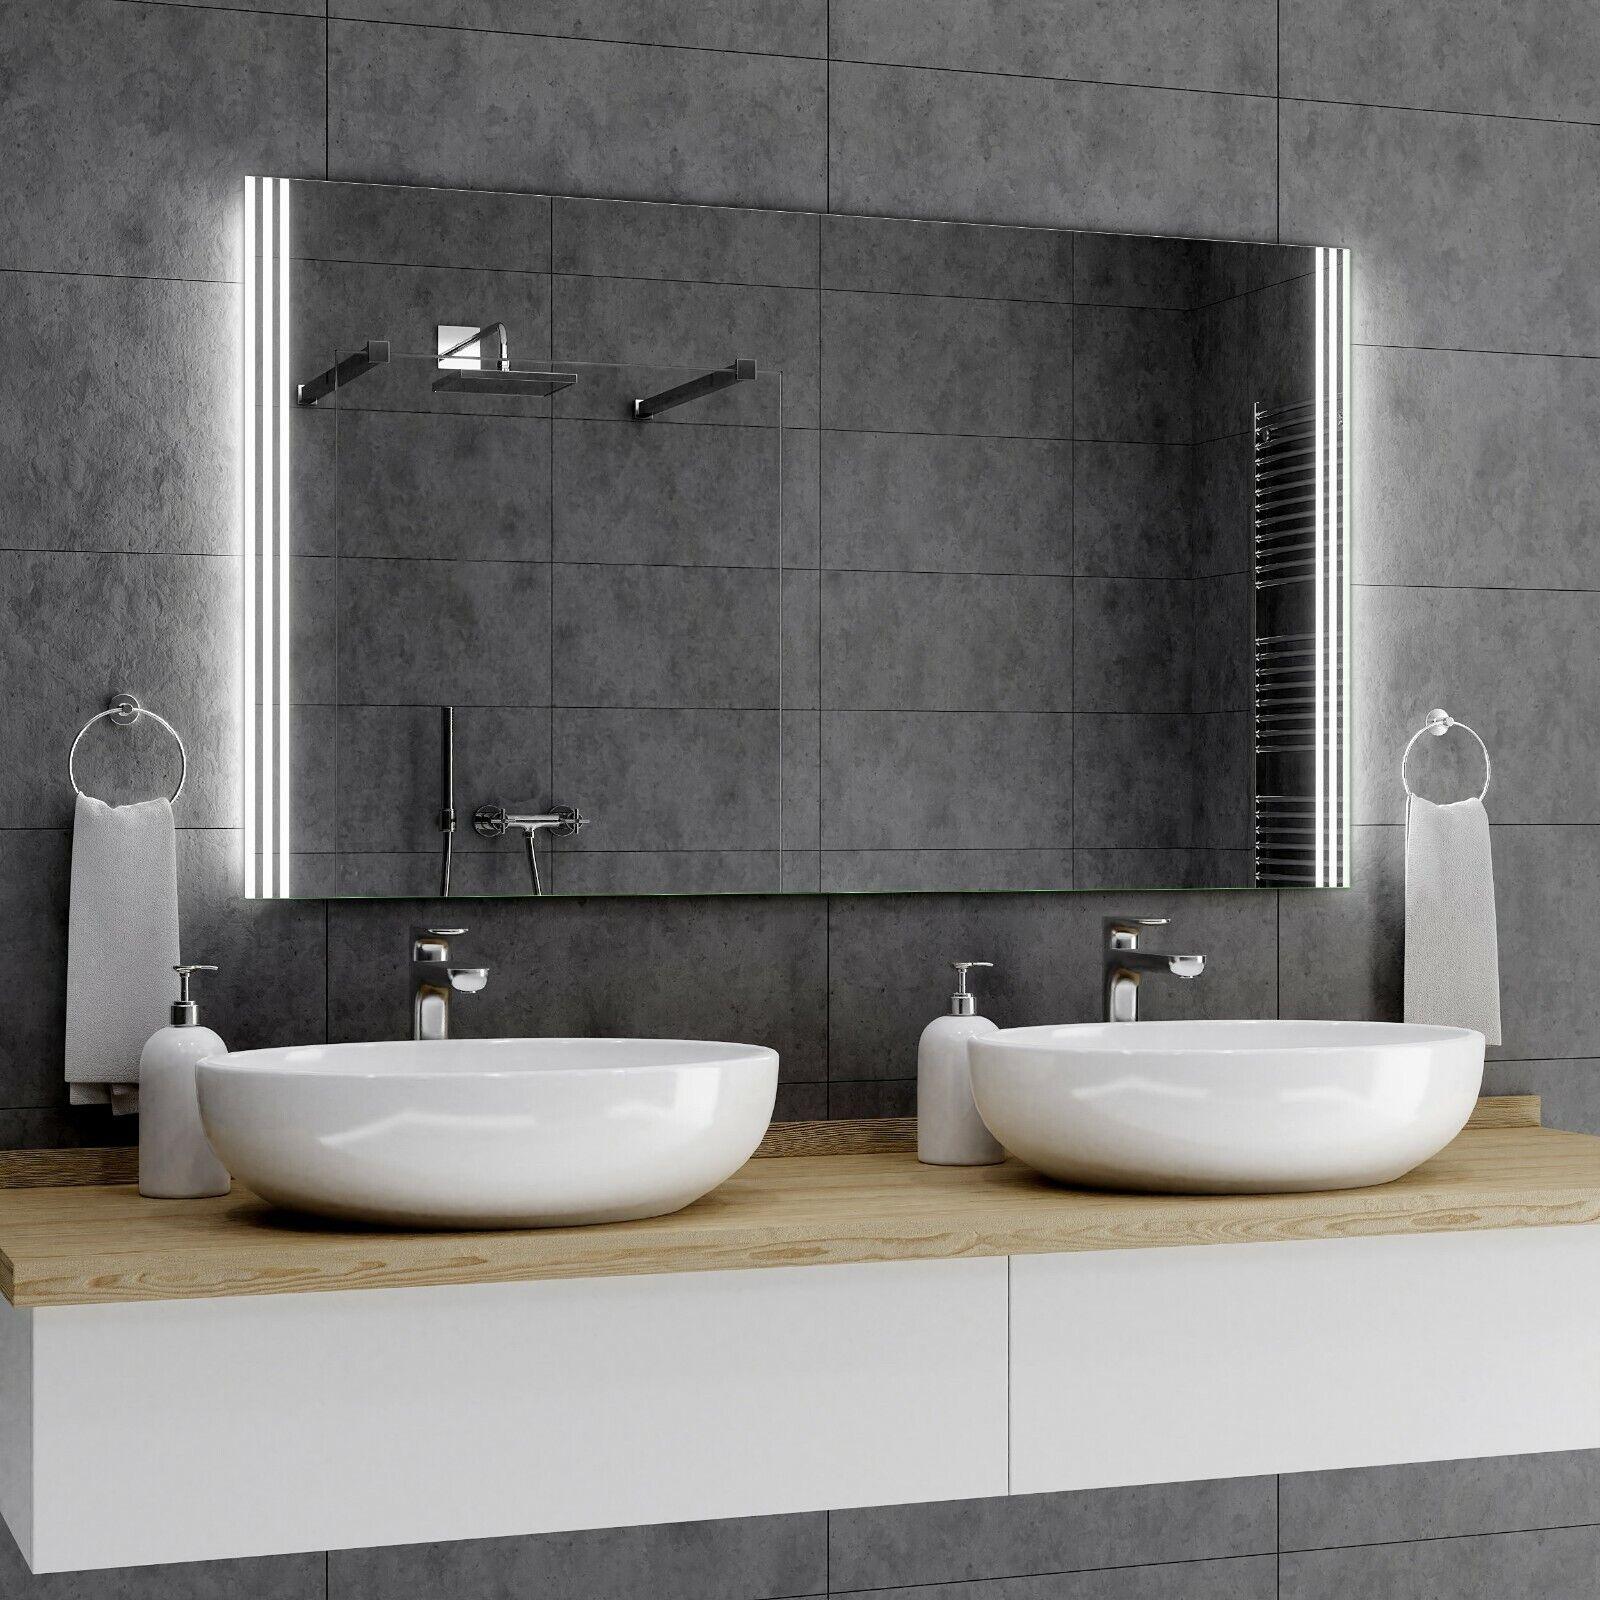 ARICA Badspiegel mit LED Beleuchtung Wandspiegel Badezimmerspiegel nach Maß A01